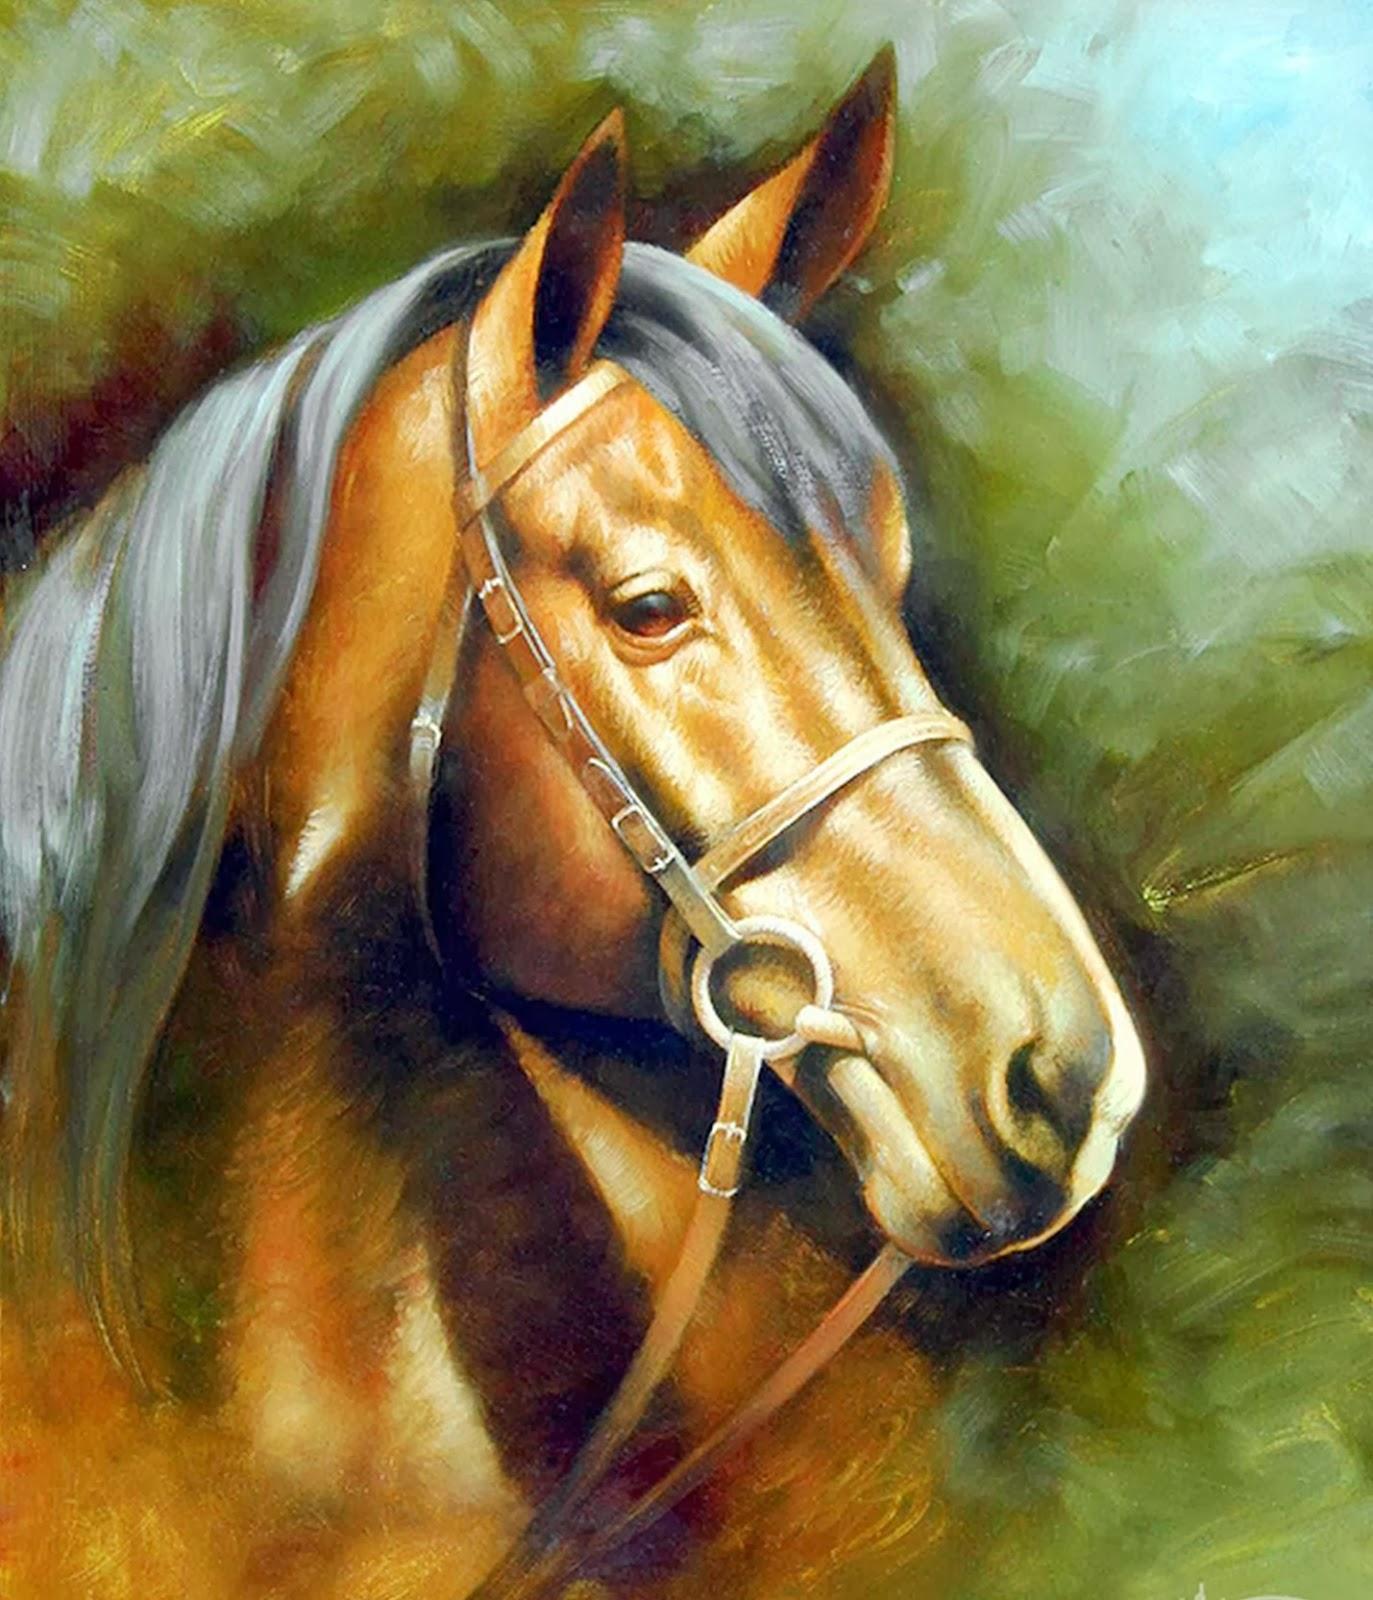 caballos-criollos-pintados-al-oleo